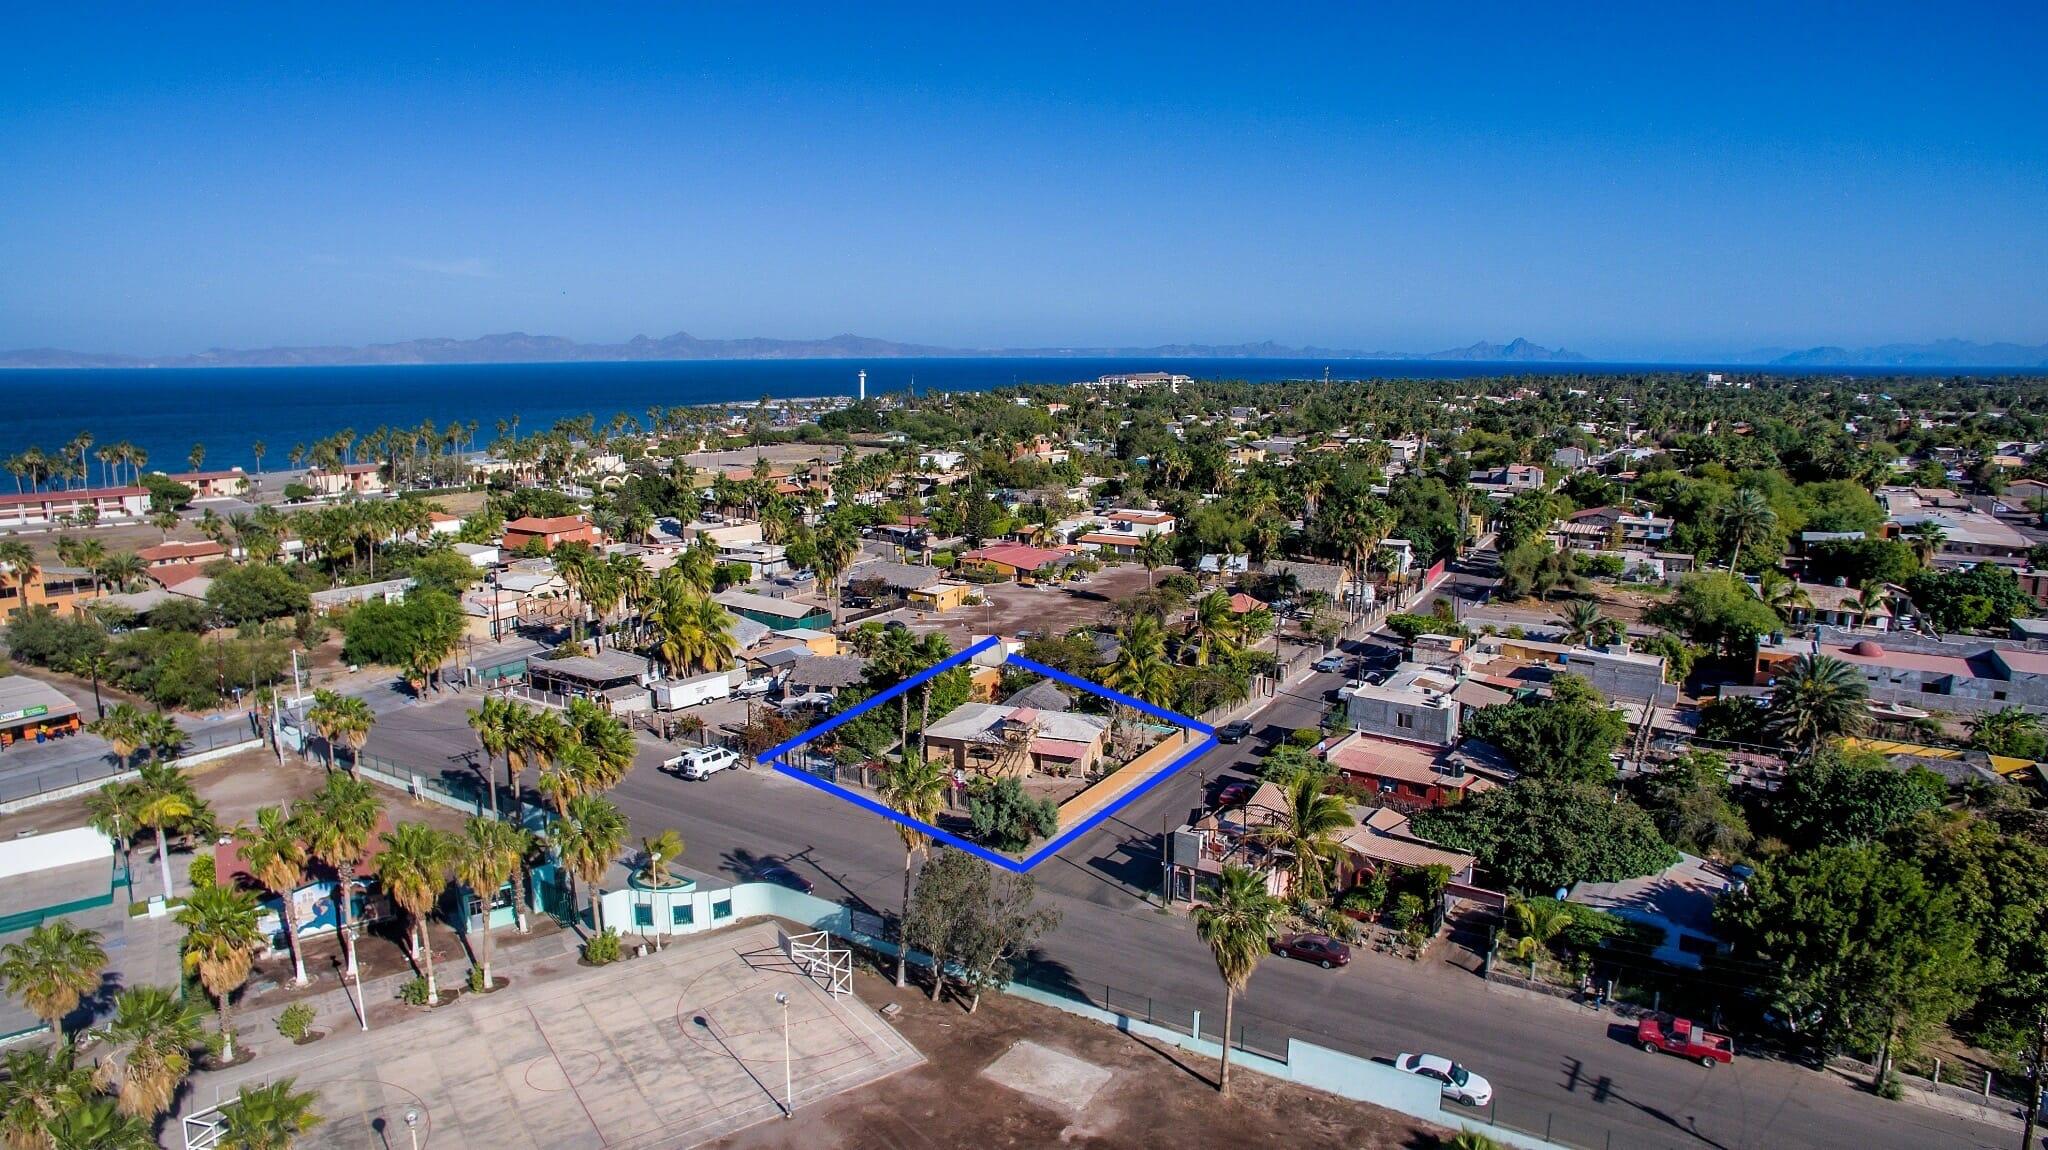 Home for sale in Nopolo, Loreto Baja Sur, Move in Ready!: house for sale in loreto near the Sea